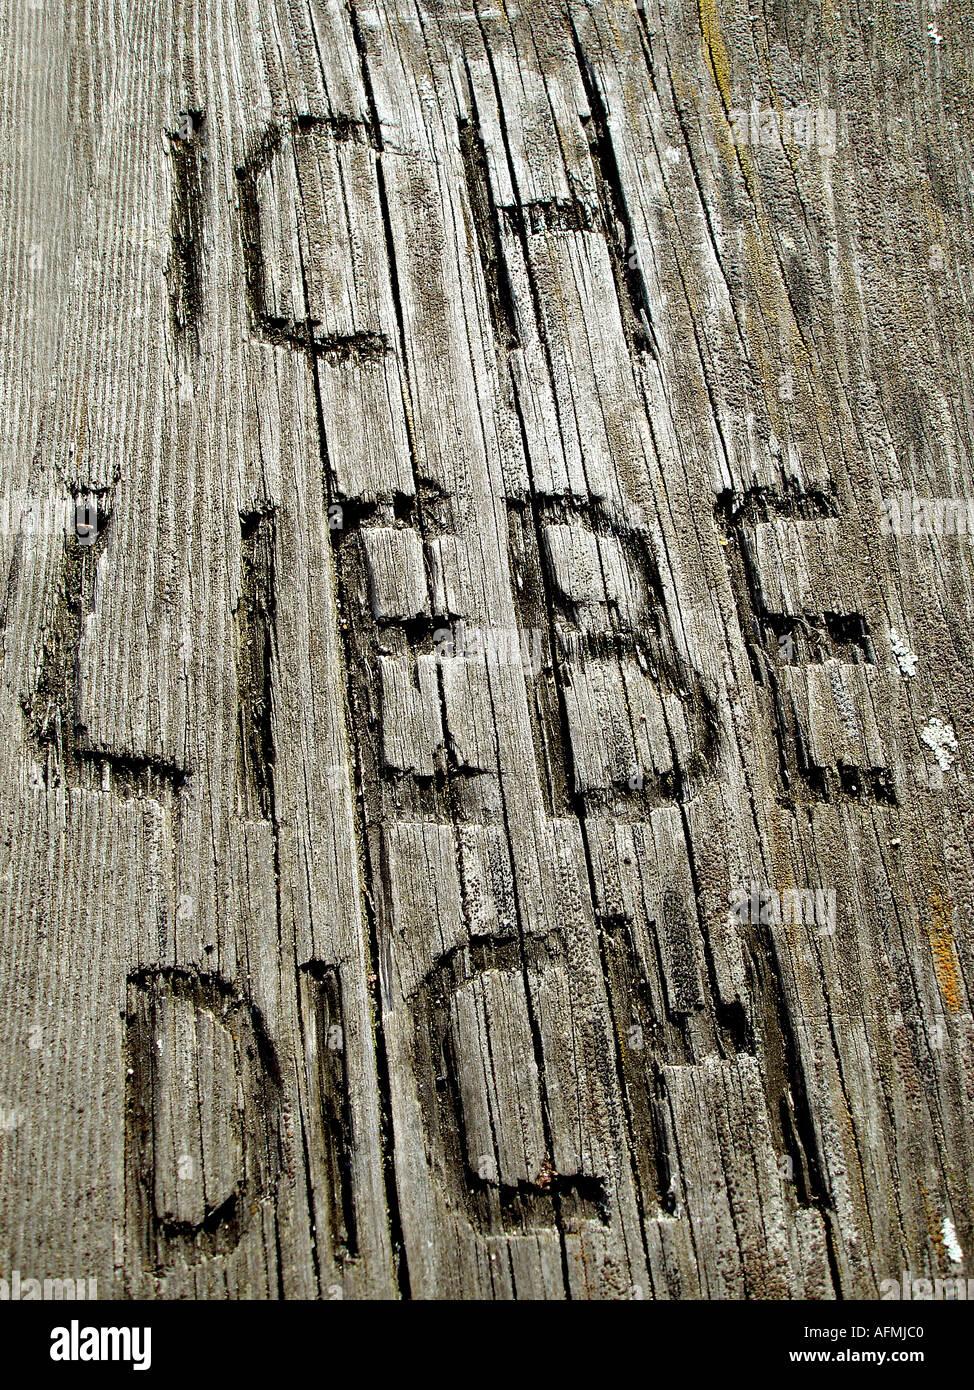 Ich liebe dich Schnitt in Holz Ich Liebe Dich in Holz Geschnitzt Stockbild